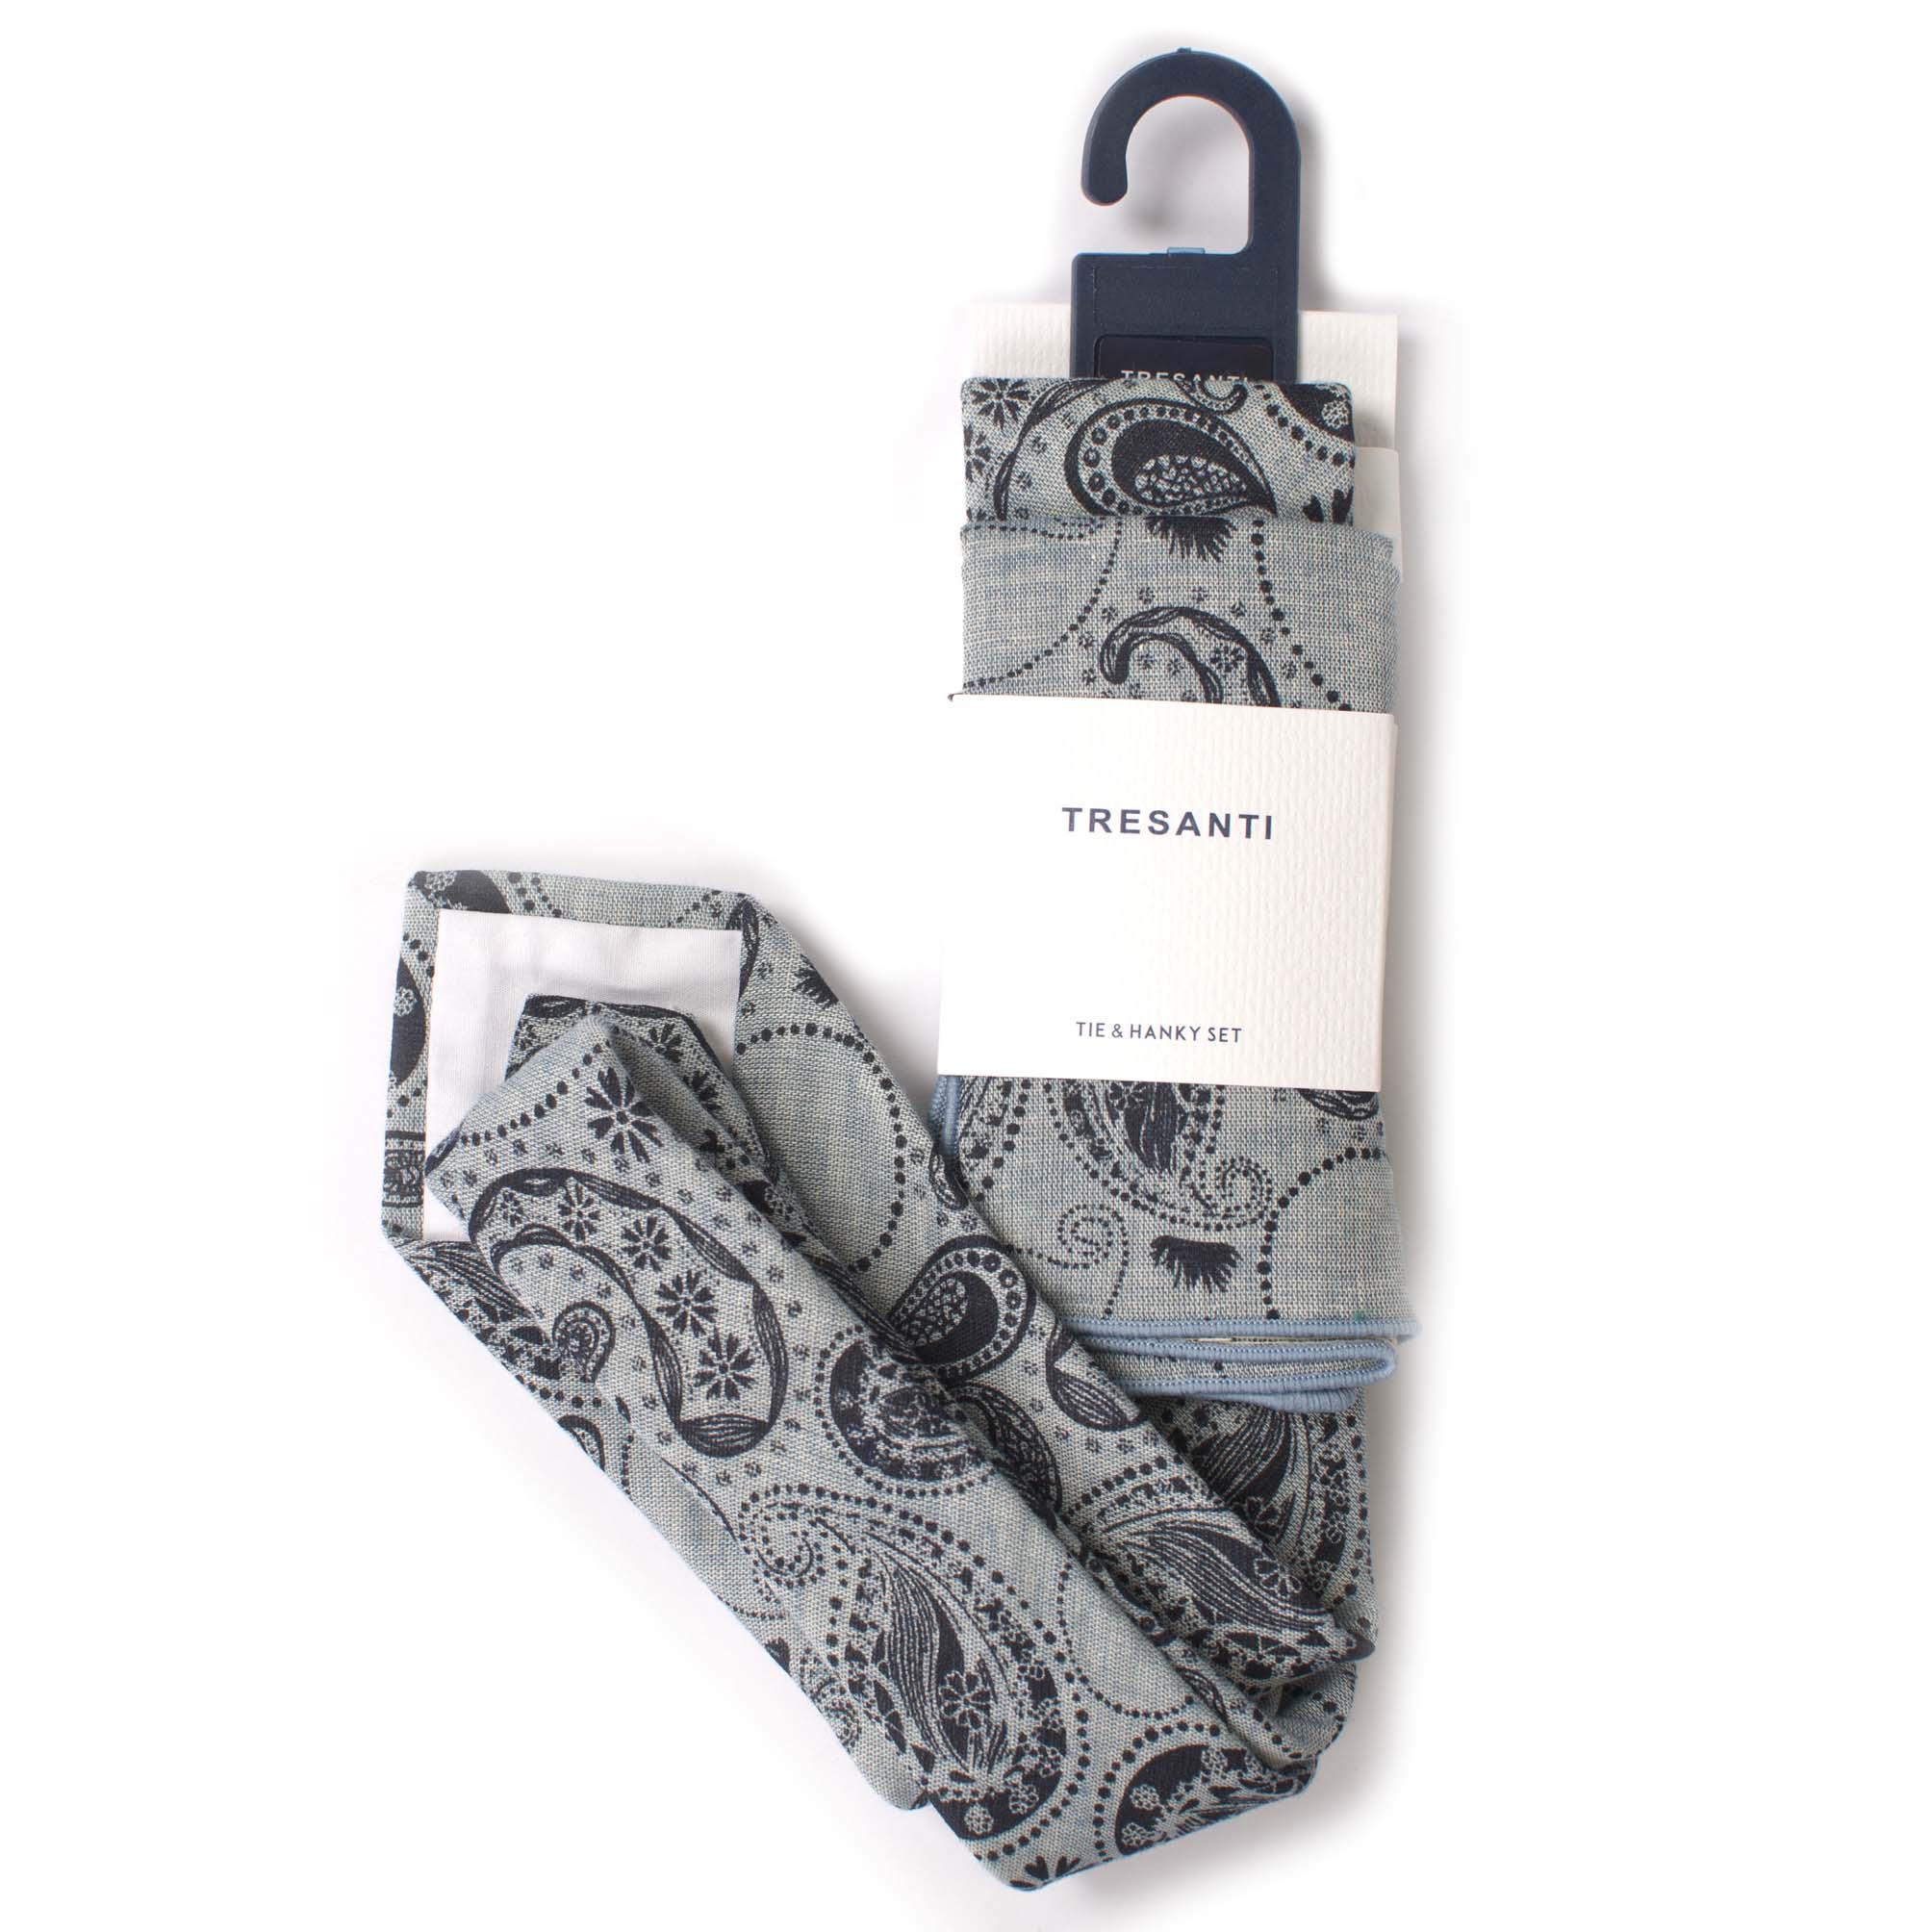 Tie & hanky set cotton paisely design